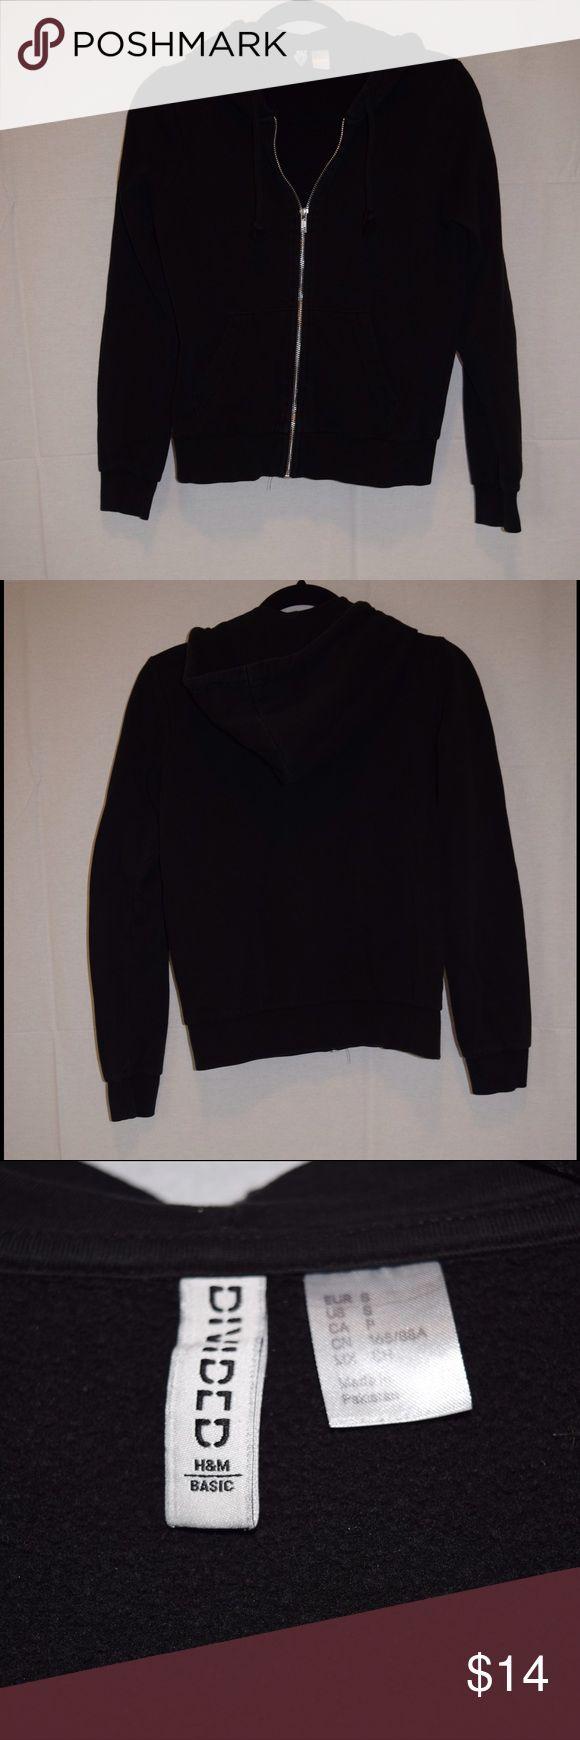 H&M basic Black zip up hoodie H&M basic Black zip up hoodie H&M Jackets & Coats